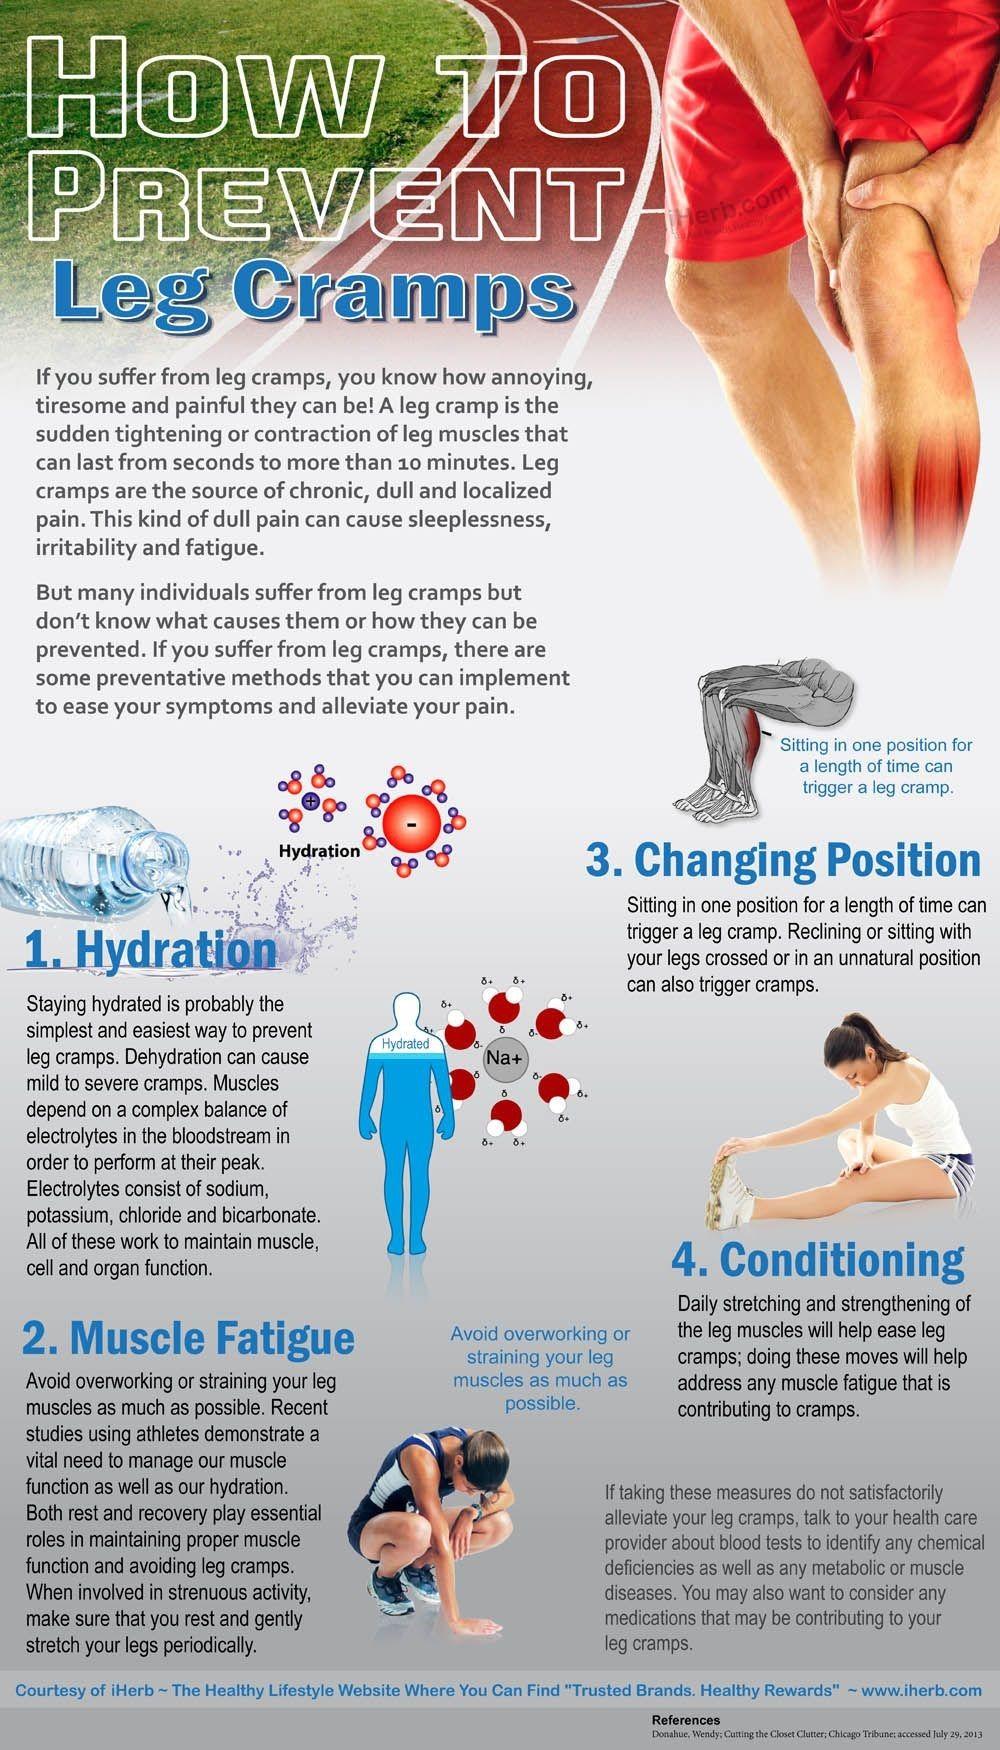 1f67ca46f71780679d7ecac29d7eedea - How To Get Rid Of Muscle Fatigue In Legs